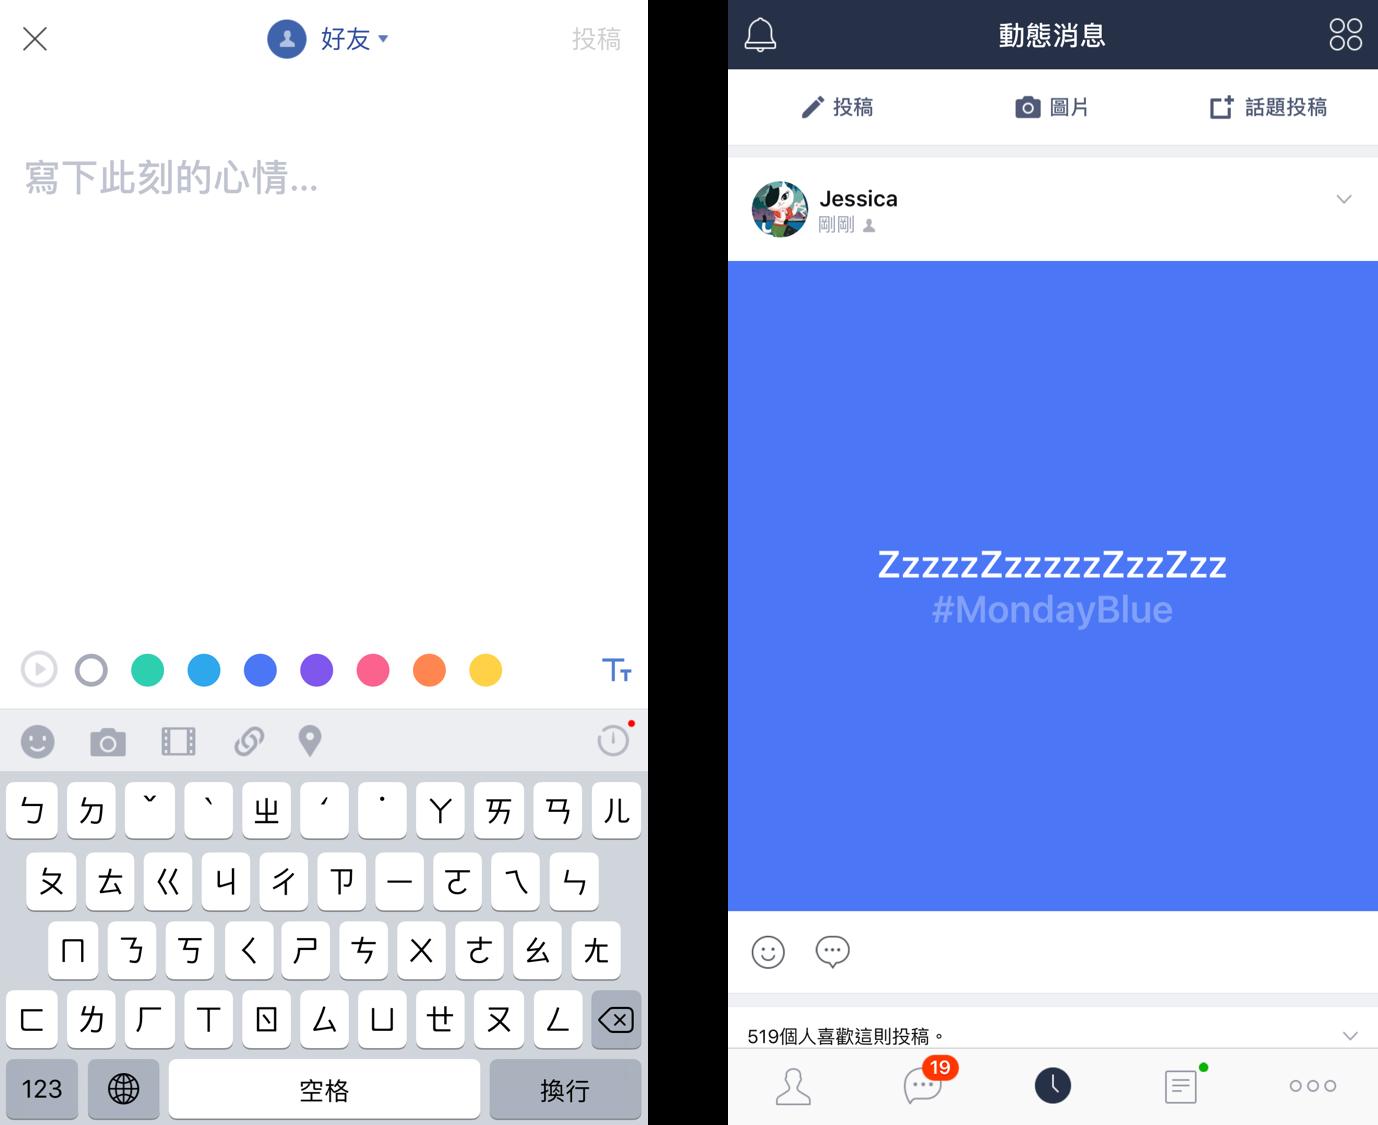 終於來了!LINE推出最新版本7.5.0聊天紀錄雲端備份一次打包